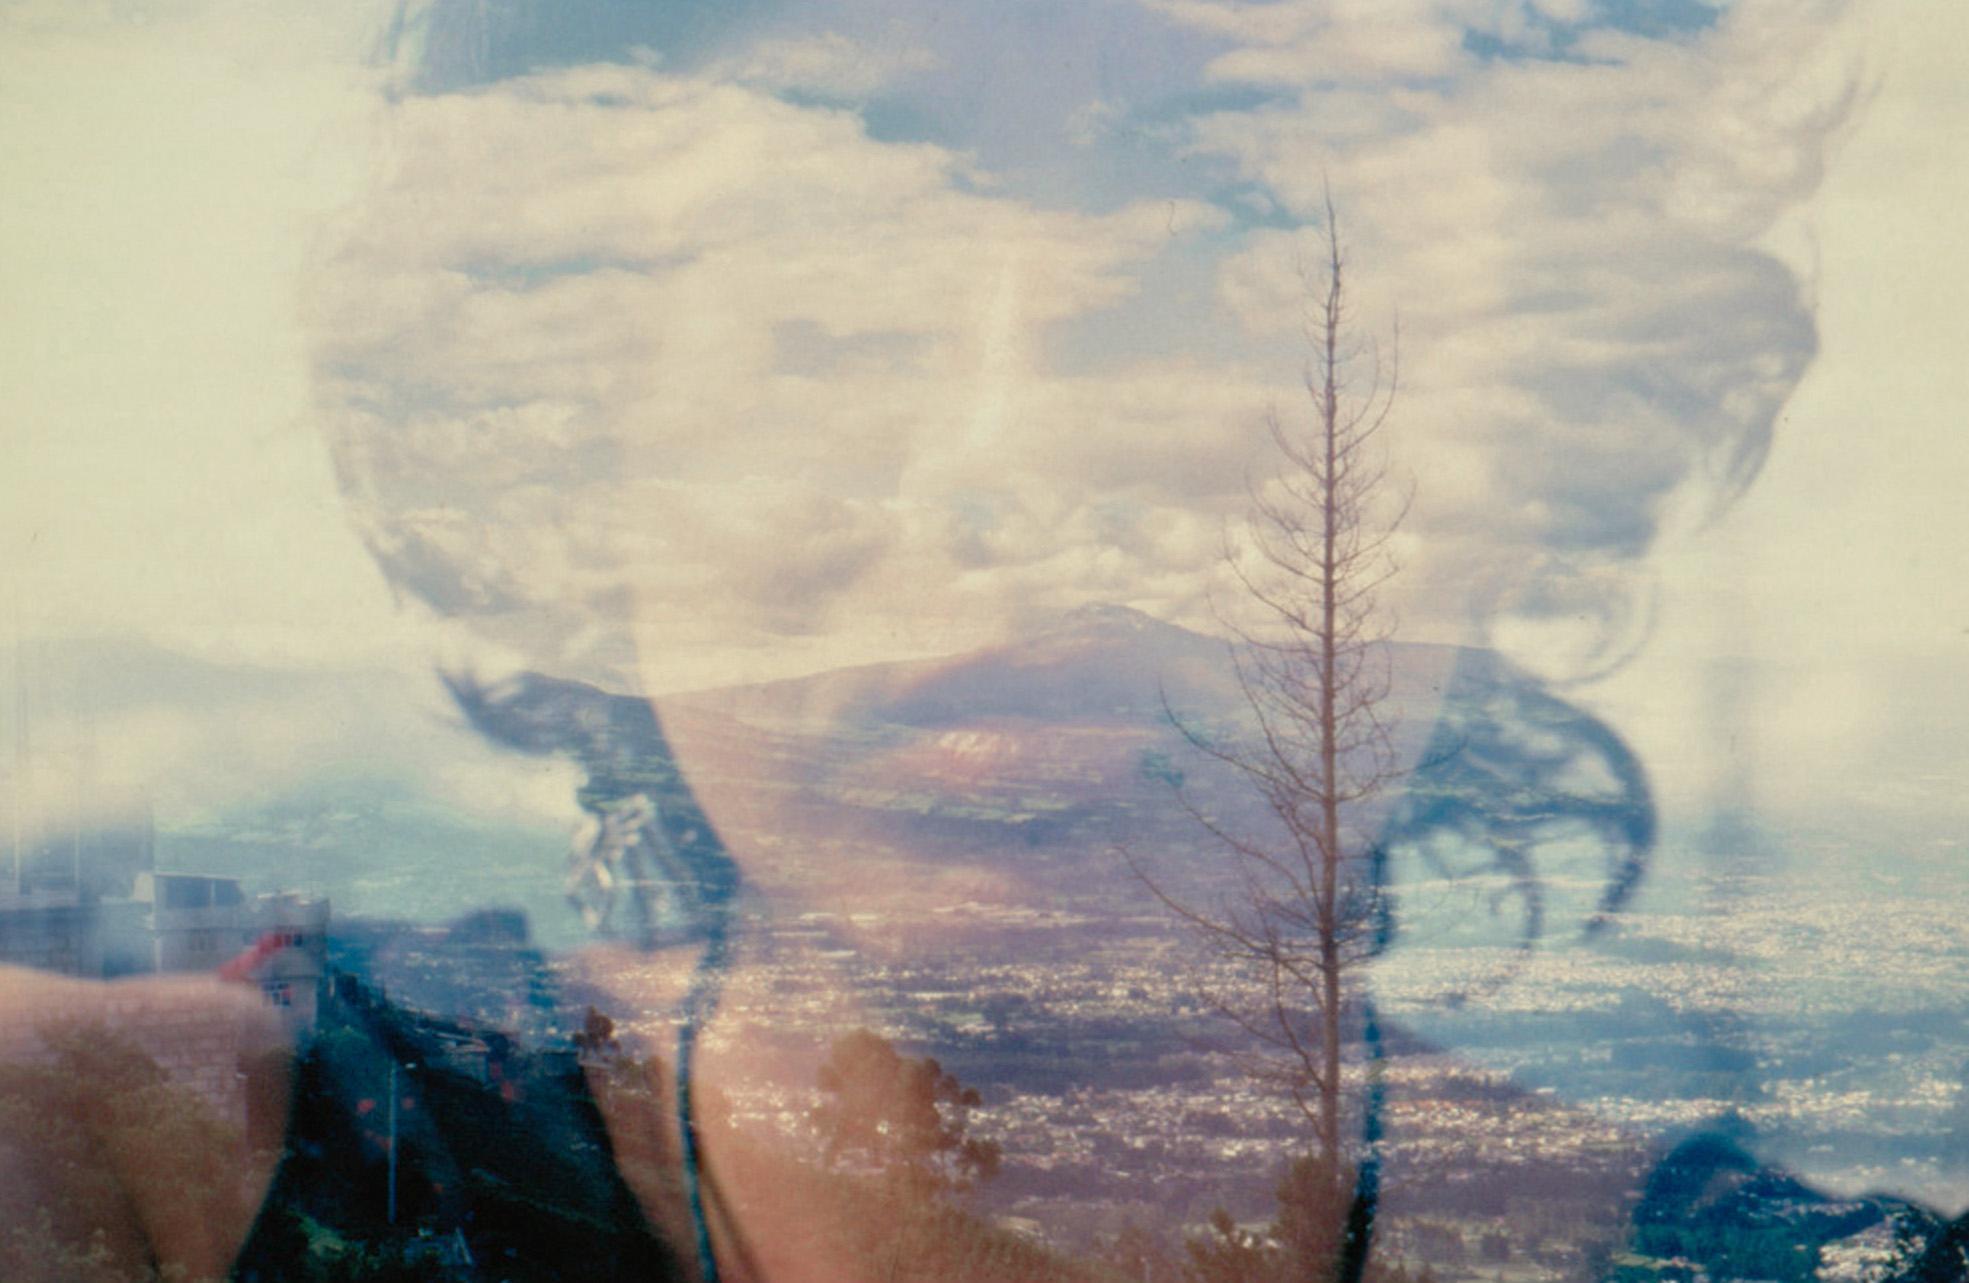 Esta serie, que empezó como un ejercicio azaroso, es una exploración y experimentación personal que pretende un diálogo continuo con el medio fotográfico y el entorno que me construye día a día. *Todas las fotografías han sido realizadas con medios analógicos, con una cámara Pentax k1000. En Ecuador y Argentina entre los años 2012 y 2013 mediante la técnica de la sobreimpresión. Texto de la serie: Soy puro azar y puro sin sentido Soy toda contradicción y doble exposición Soy más geografía que historia Lloro al encuentro amoroso con las montañas Y me pierdo en el centro mágico de las flores, ojos del mundo. Soy mujer, soy migrante, soy niña Soy viento, soy el mar y la montaña.